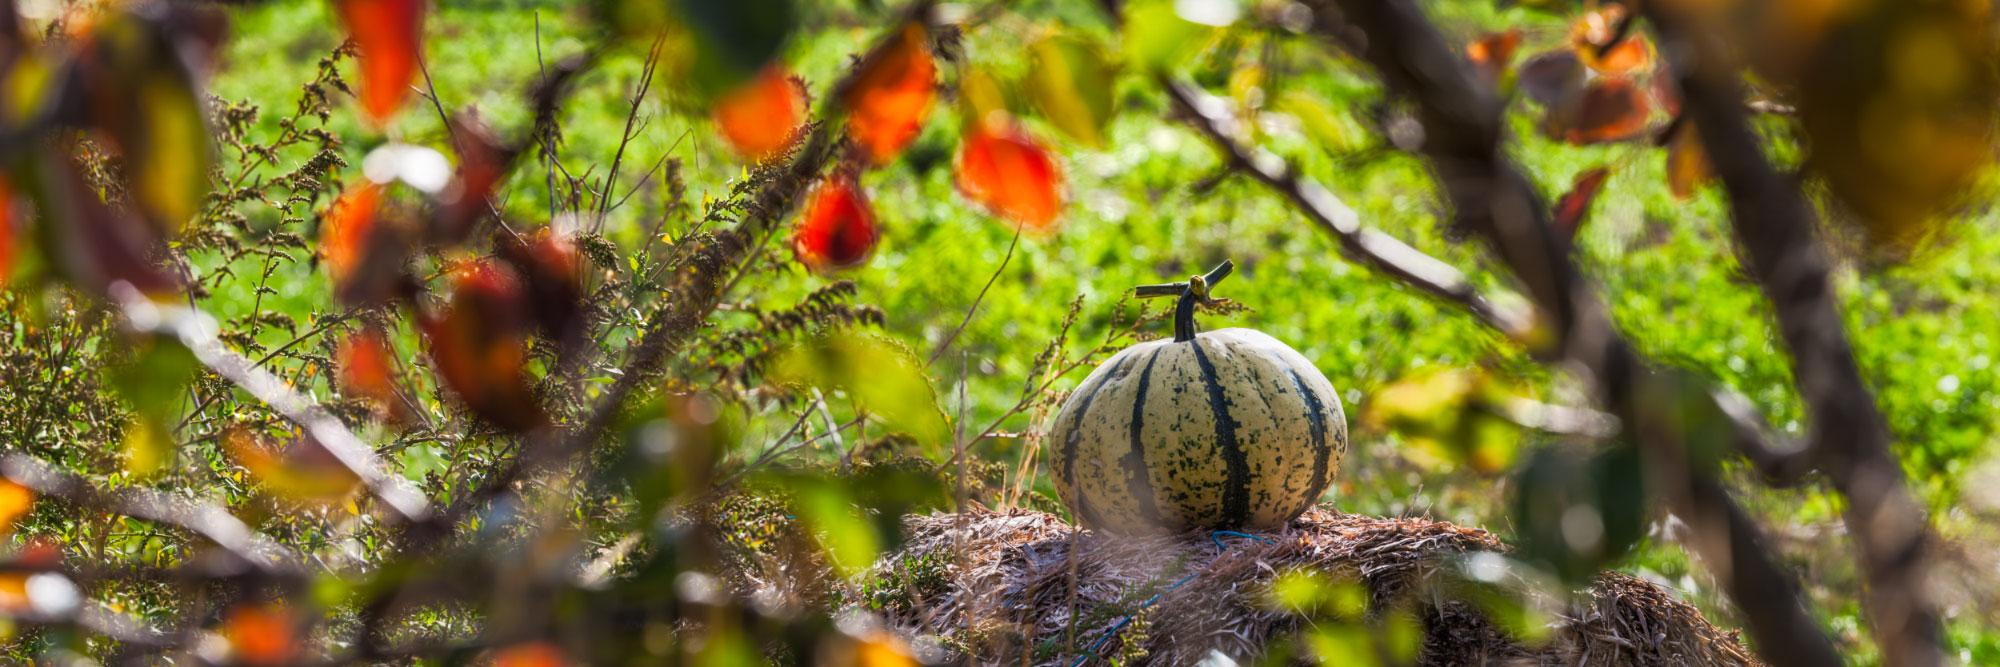 Citrouille sur une botte de paille, automne, Vercors